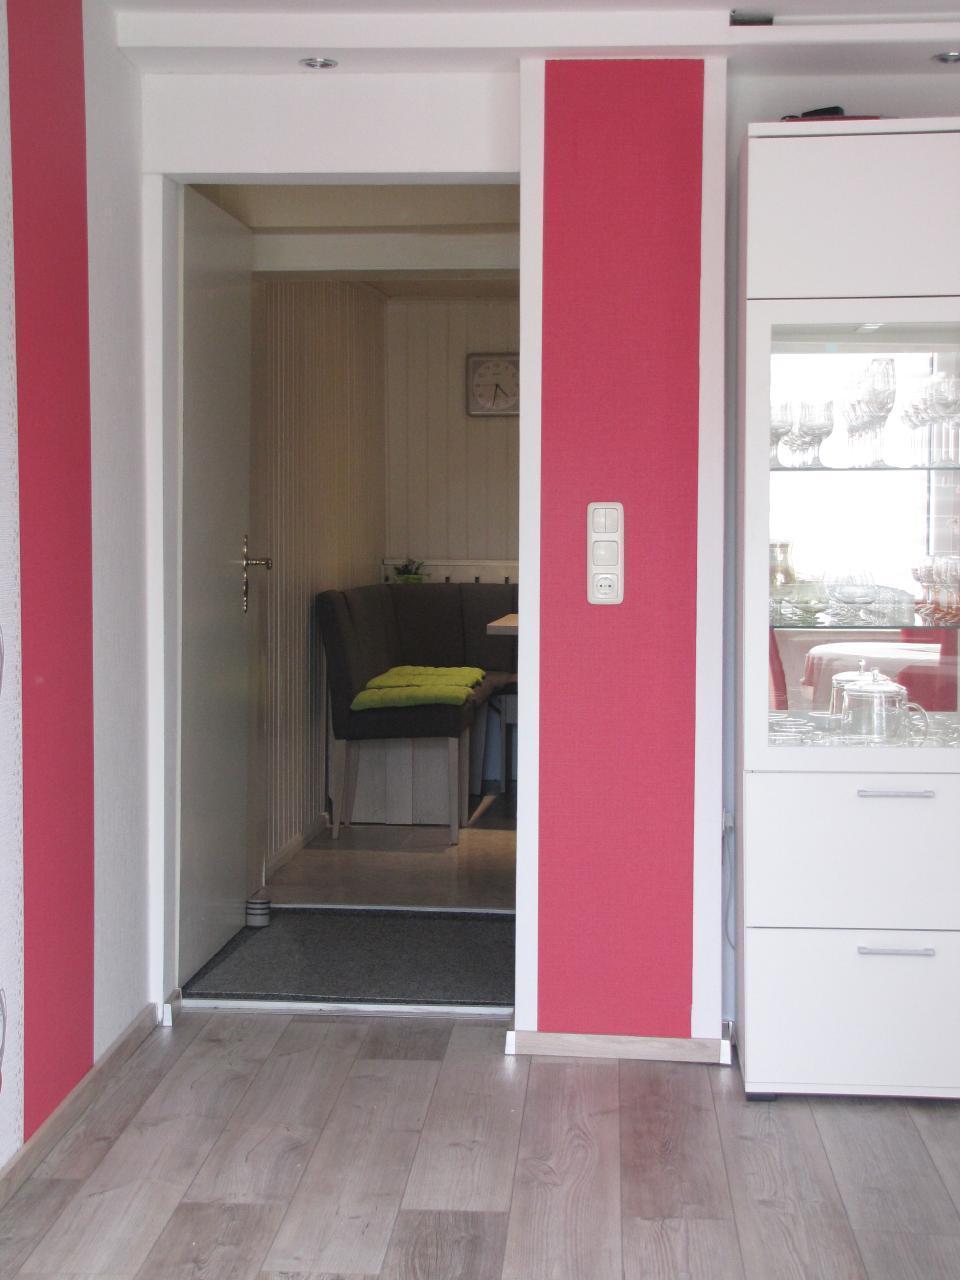 Ferienhaus Spreewaldhaus Lübben - Ihr neues